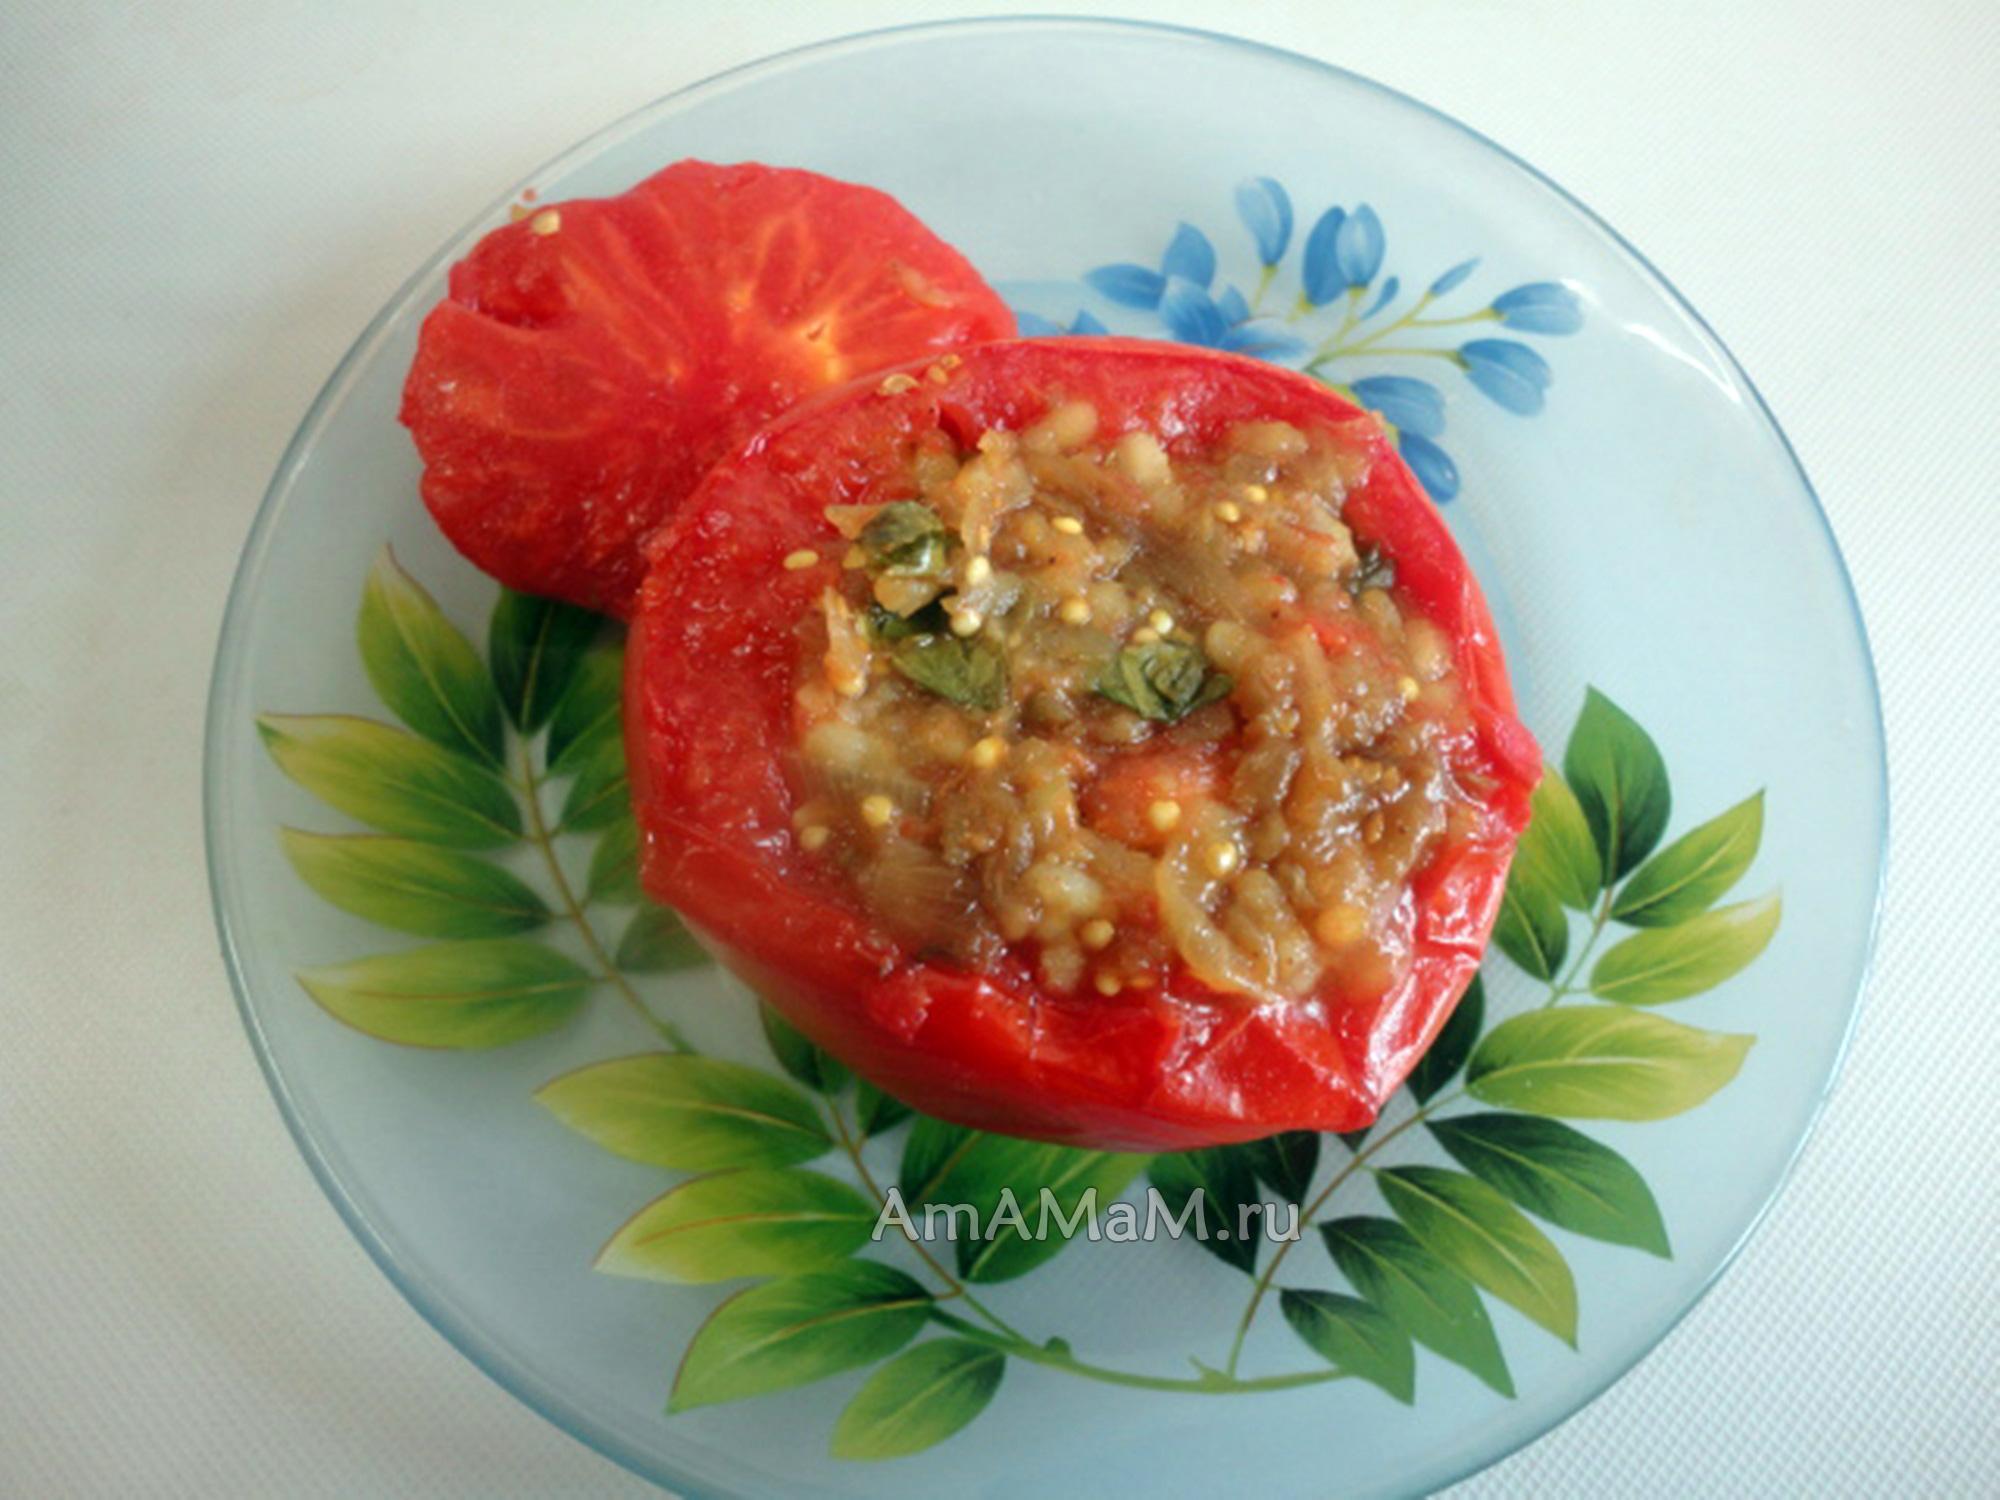 Приготволение блюд из фаршированных овощей - рецепты